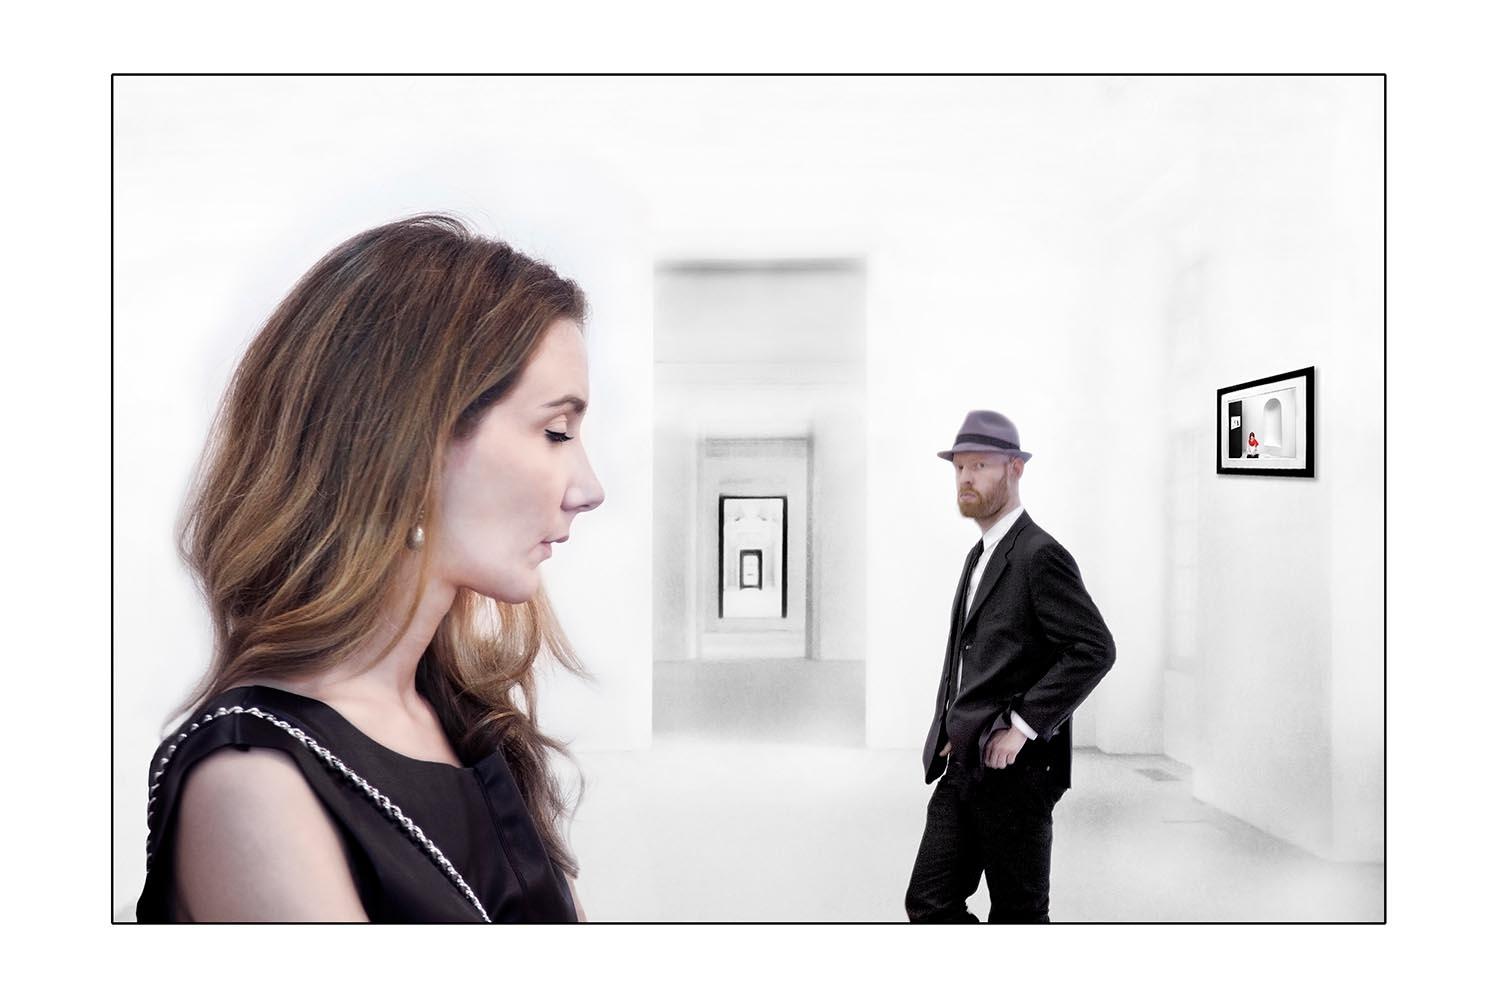 """Enrico Patacca """"Le stanze dell'arte 1"""" - Sez. RRSP Premio ex-aequo"""